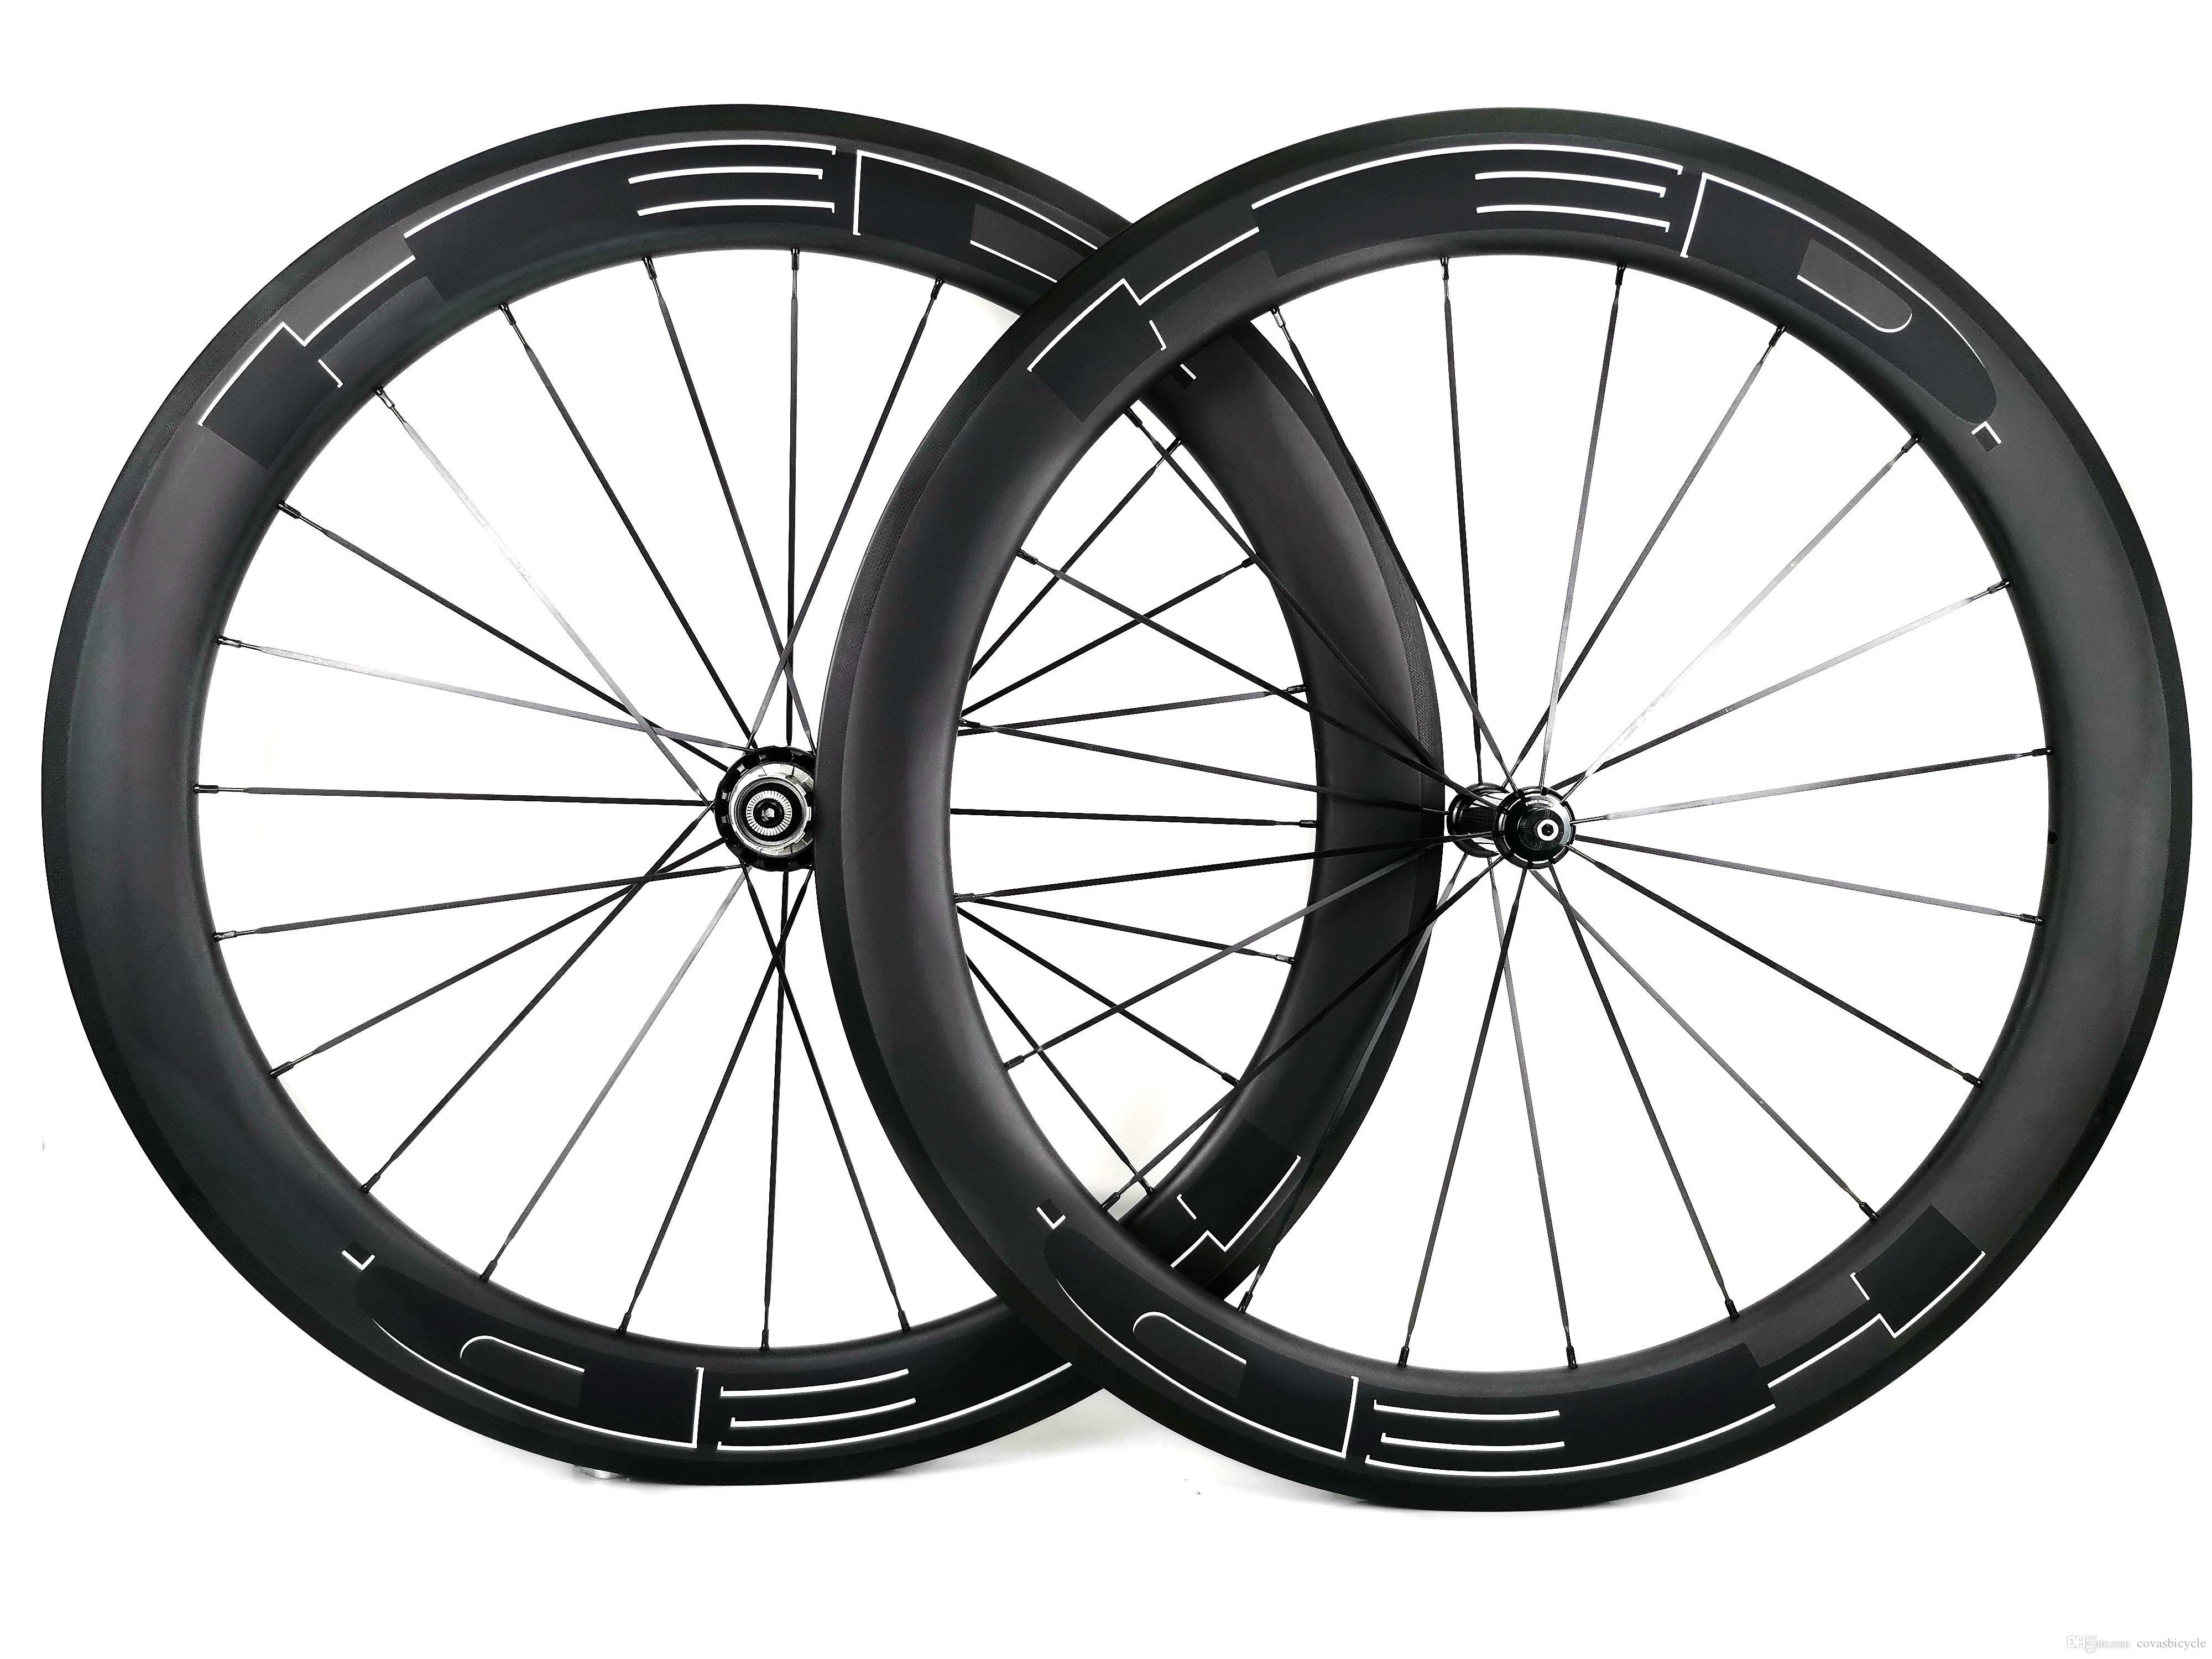 profundidad 700C 60mm carretera las ruedas de carbono de 25 mm de anchura bici del camino del carbón del remachador / tubular de ruedas borde acabado de borde en forma de U UD mate forma de U